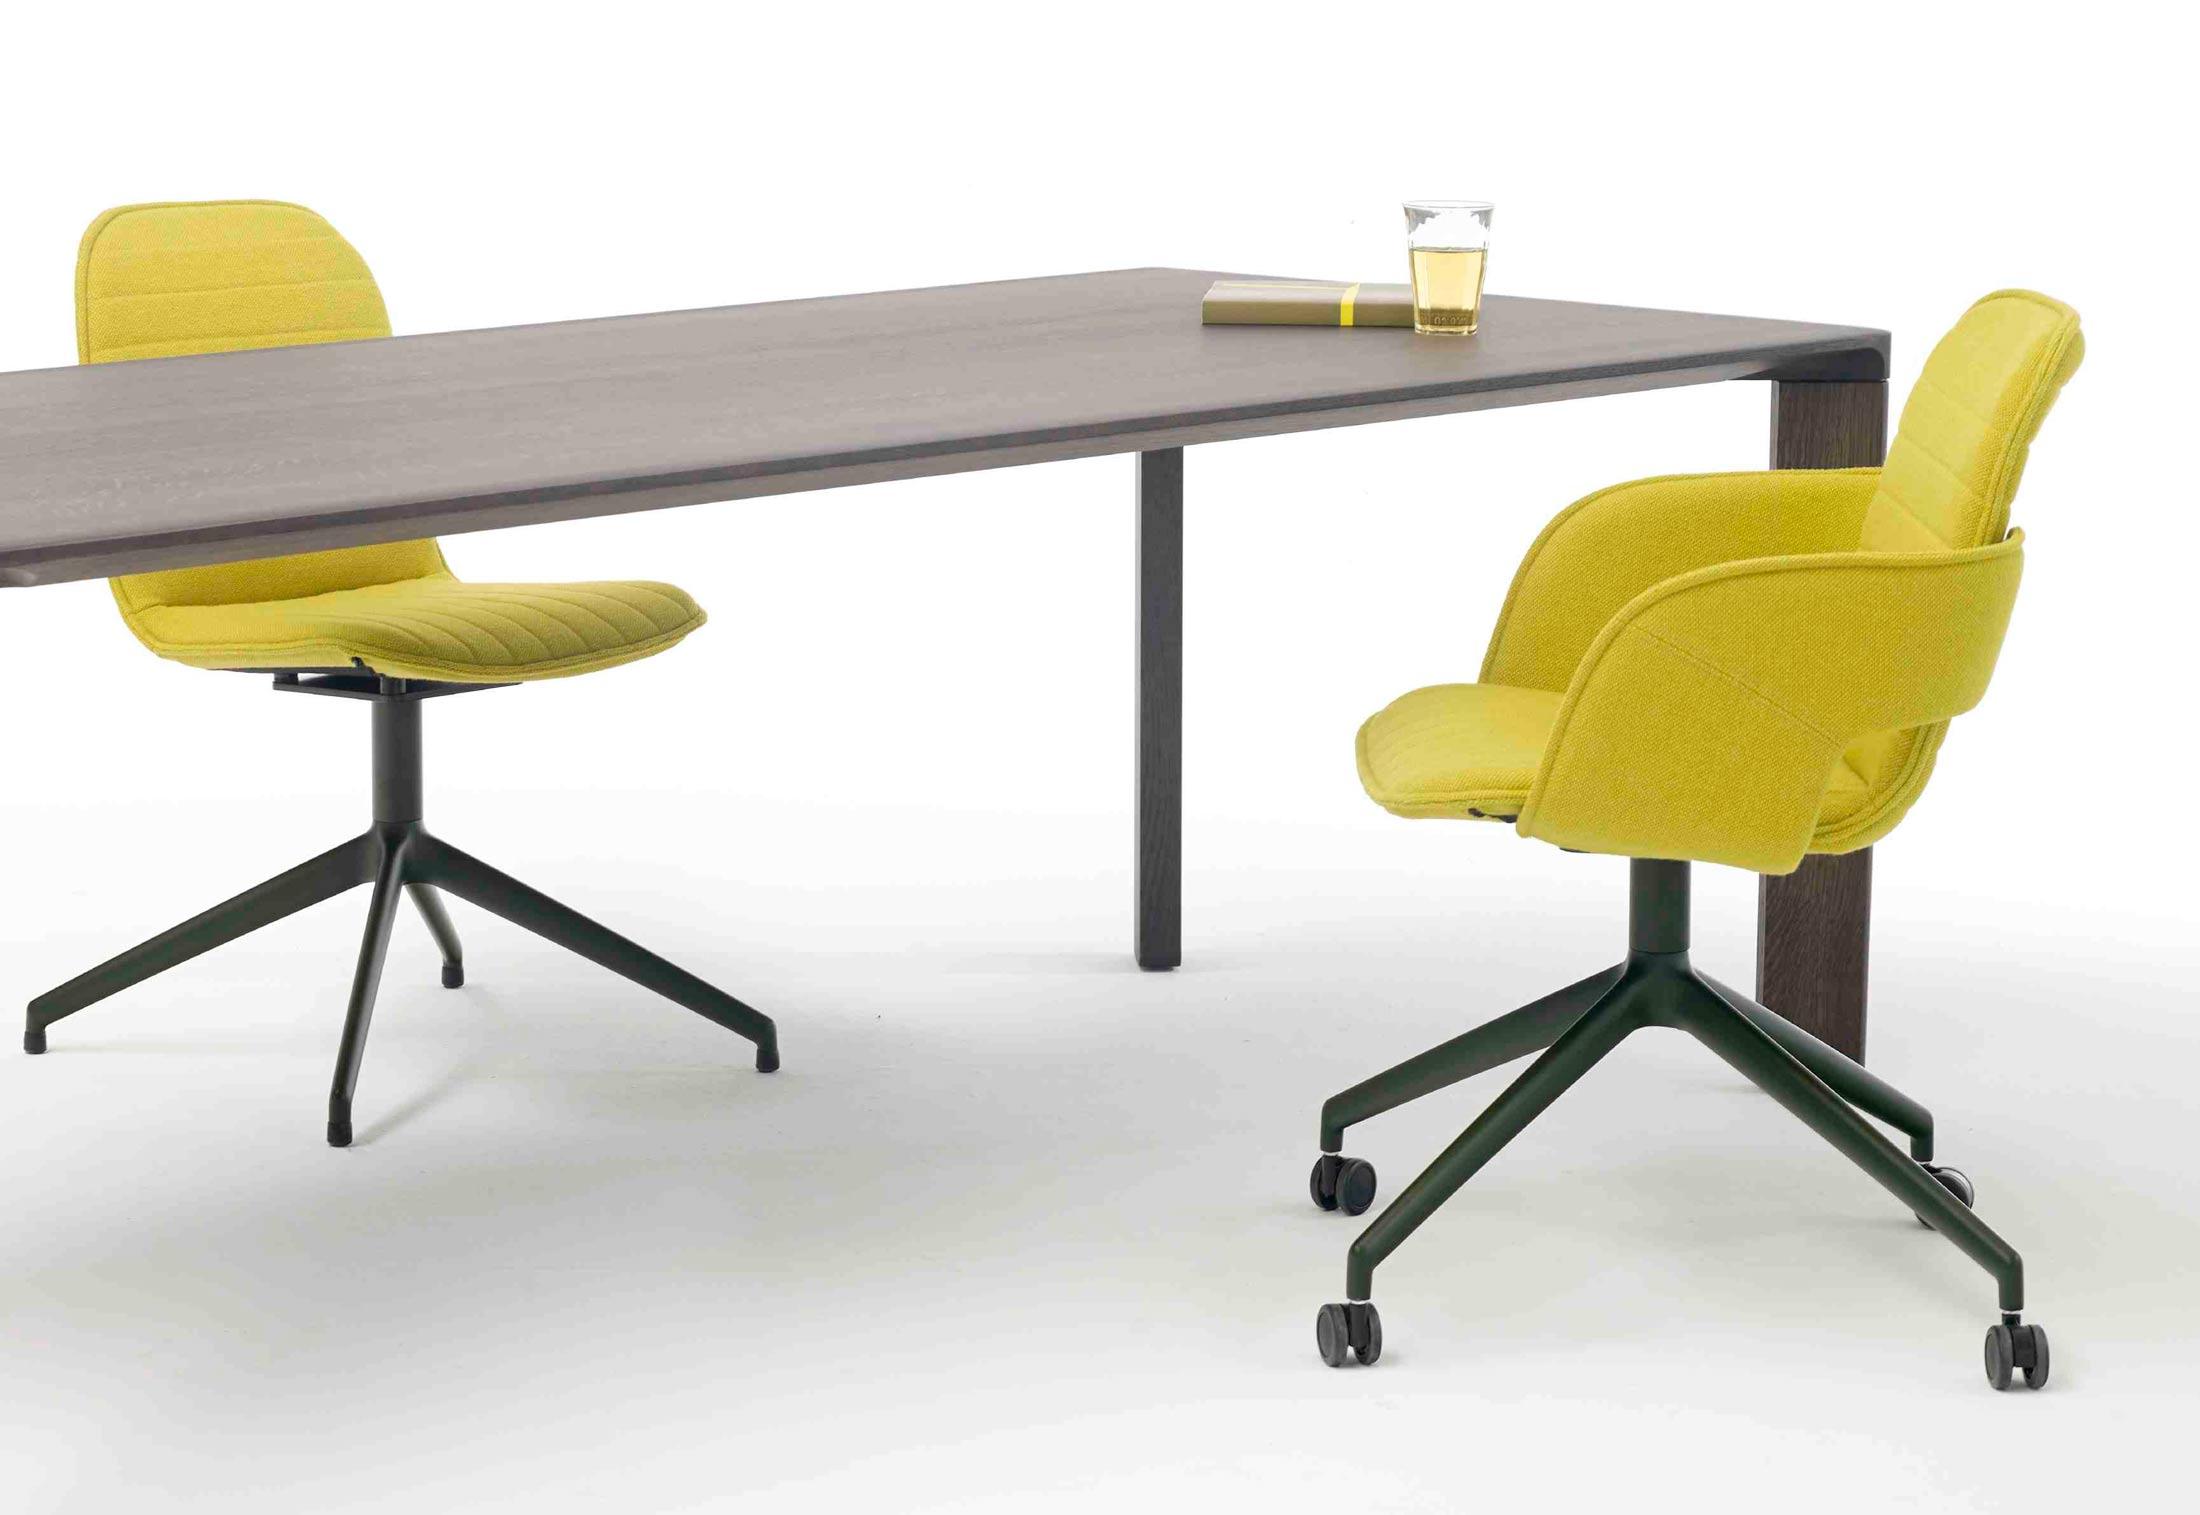 Erfreut Küchentisch Setzt Stühle Mit Rollen Galerie - Ideen Für Die ...